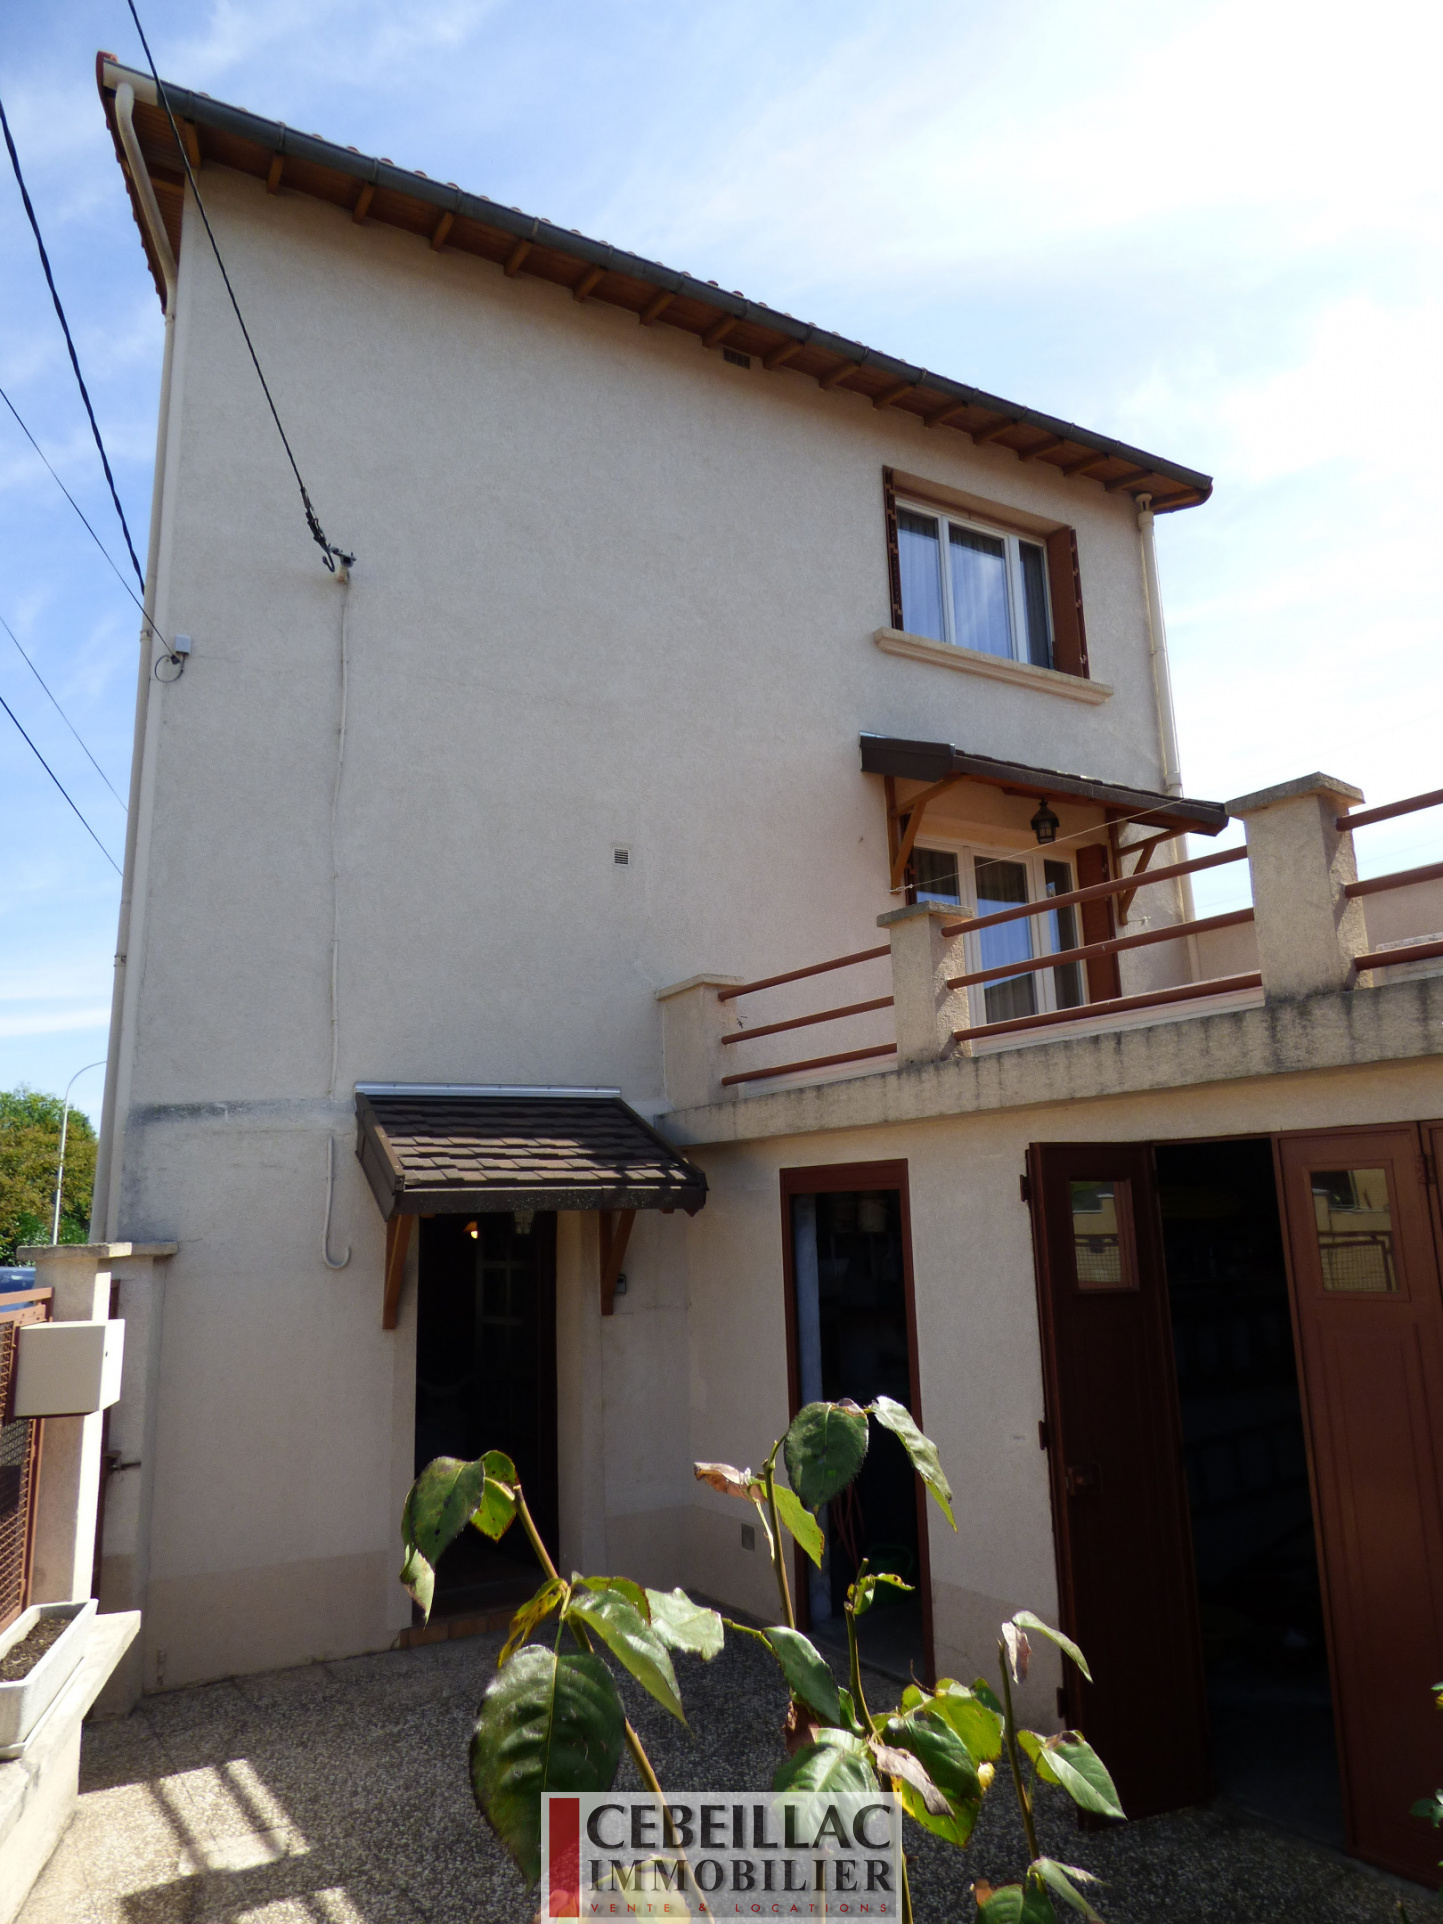 Vente maison avec terrasse garage et cour for Maison terrasse sur garage